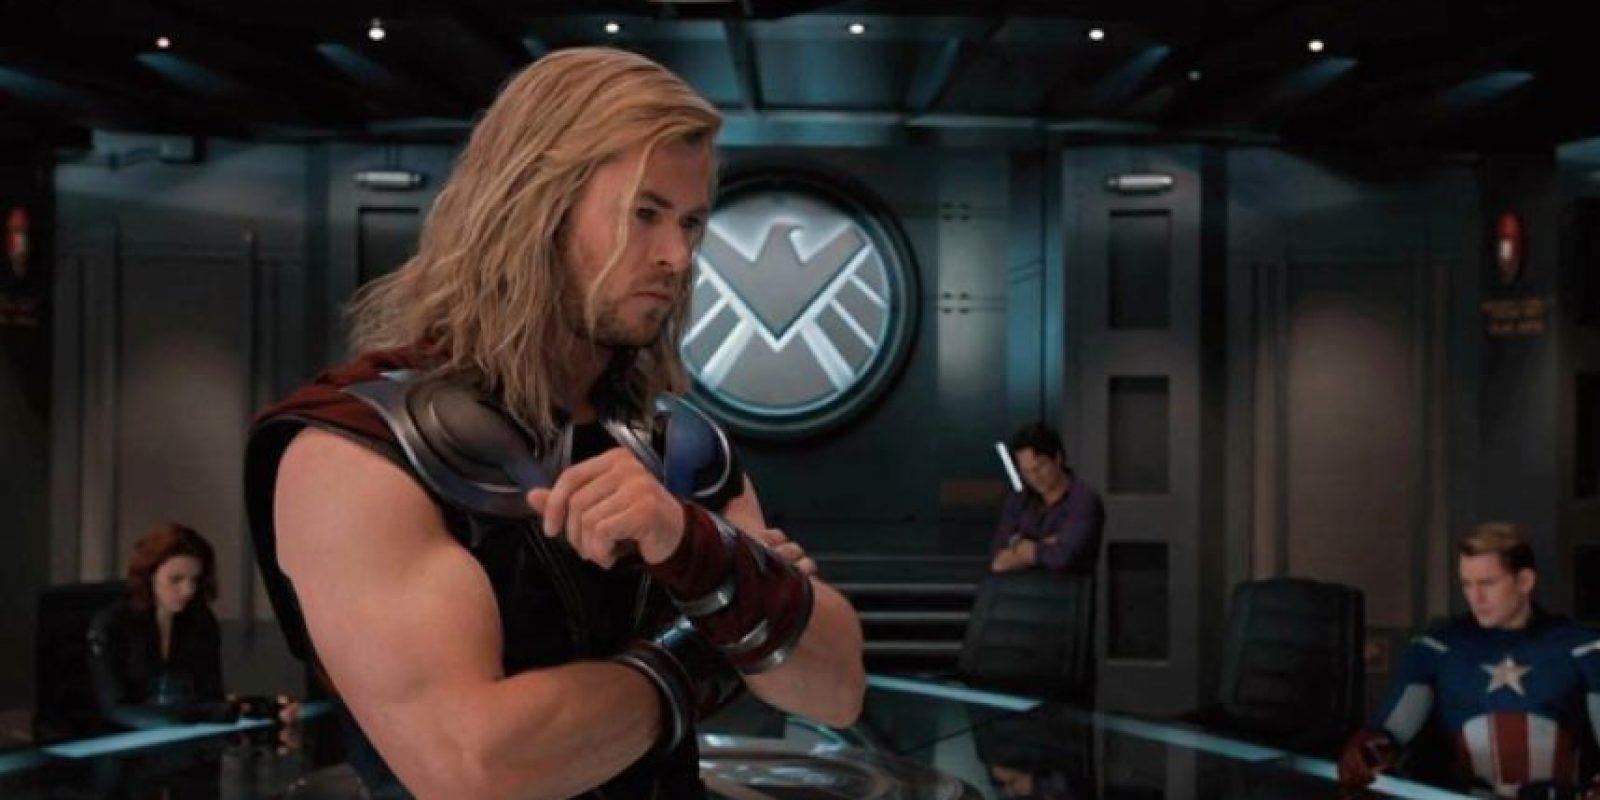 Durante una entrevista, el actor confirma su participación en 3 películas más Foto:Facebook/Avengers